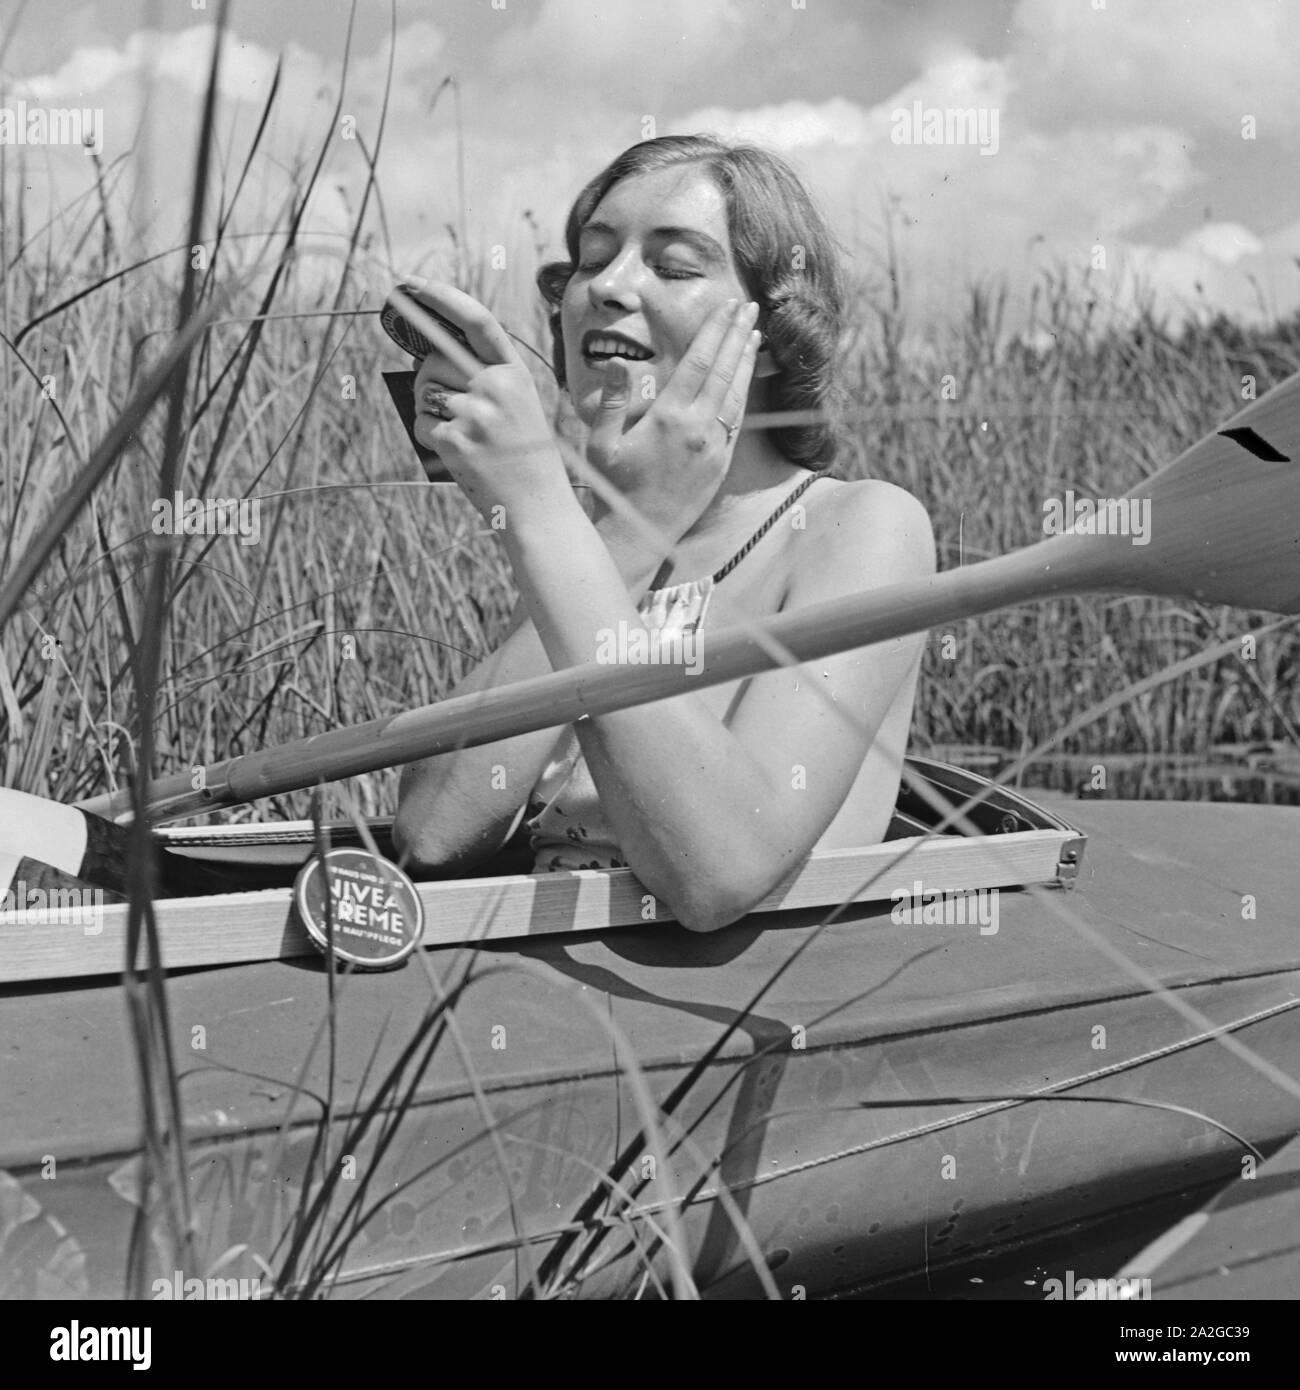 Eine junge Frau cremt sich mit Nivea Creme beim Badeurlaub ein, Deutschland 1930er Jahre. A young woman using sunblocker, Germany 1930s. Stock Photo